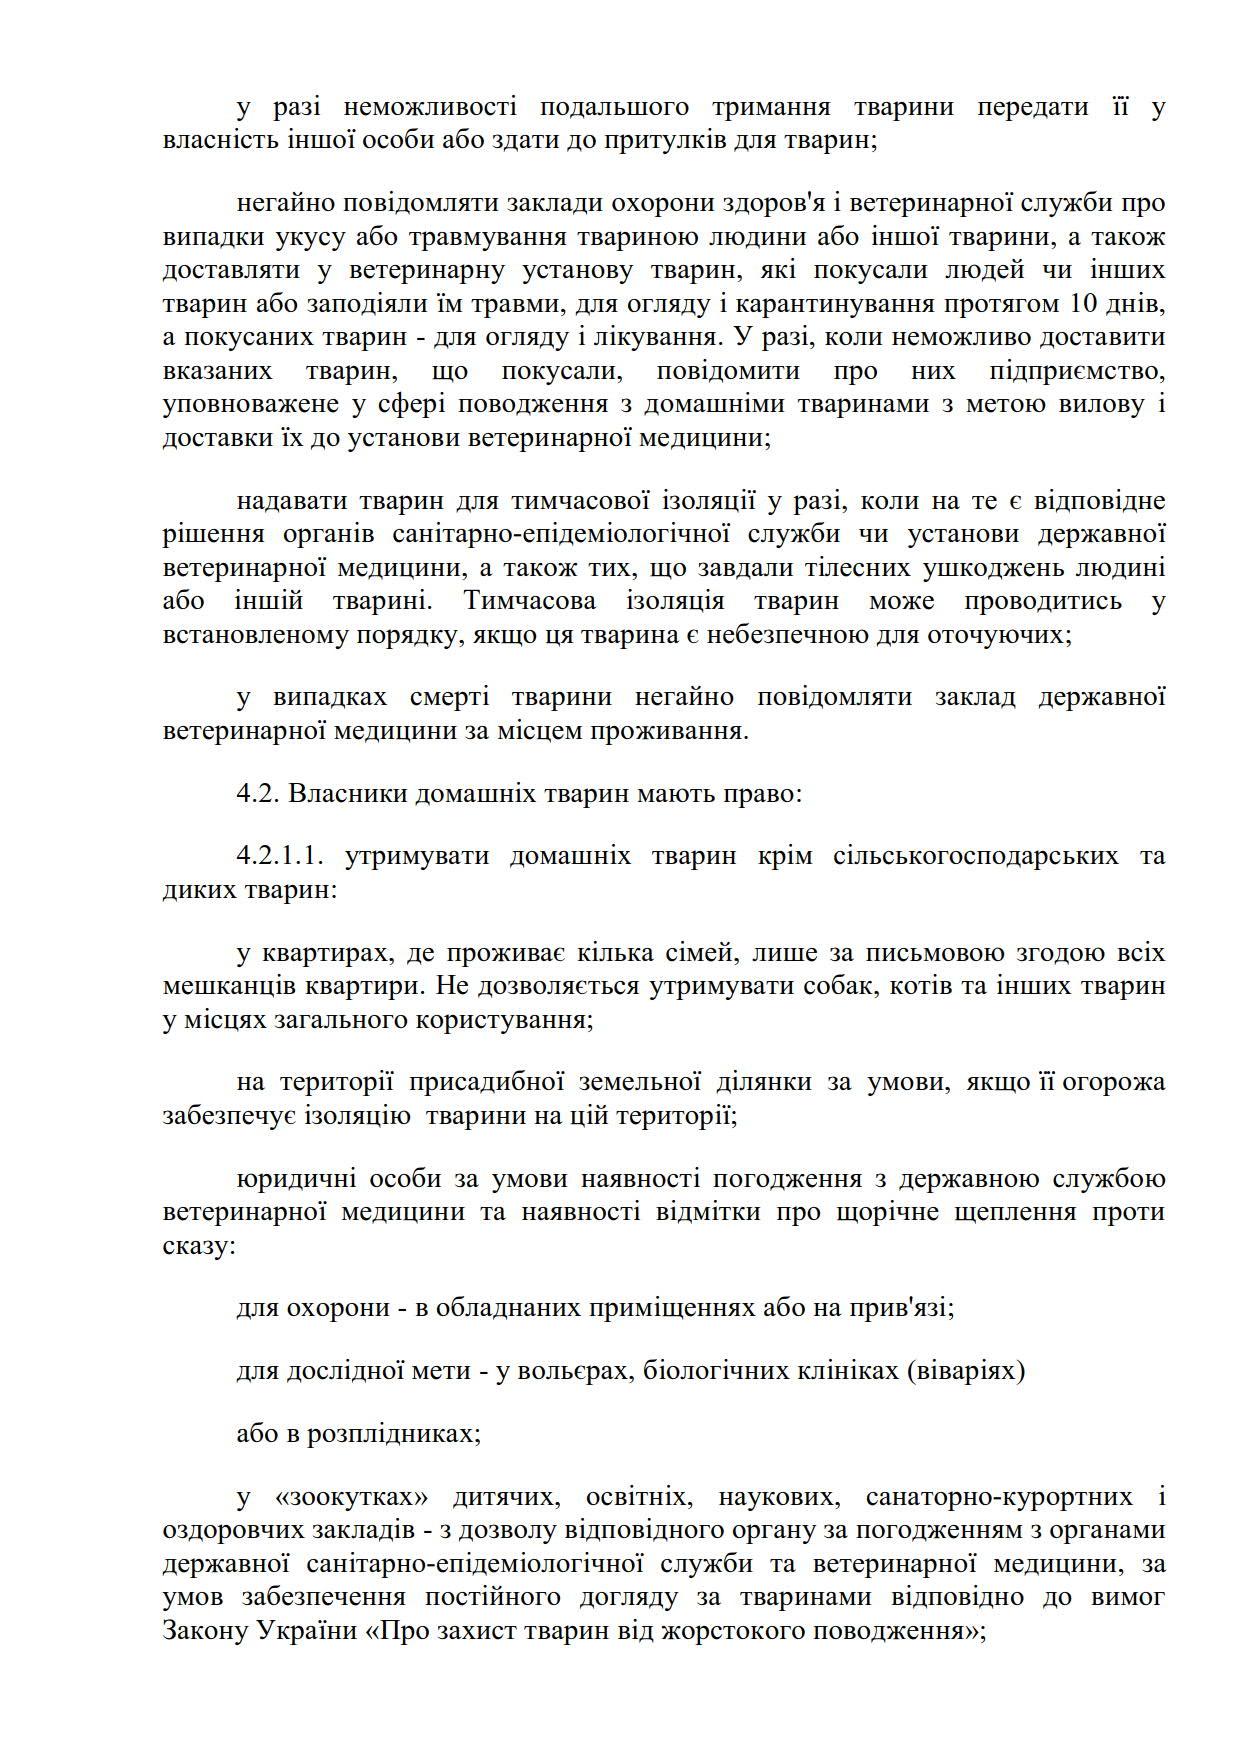 Правила утримання домашніх тварин коломак нов_08